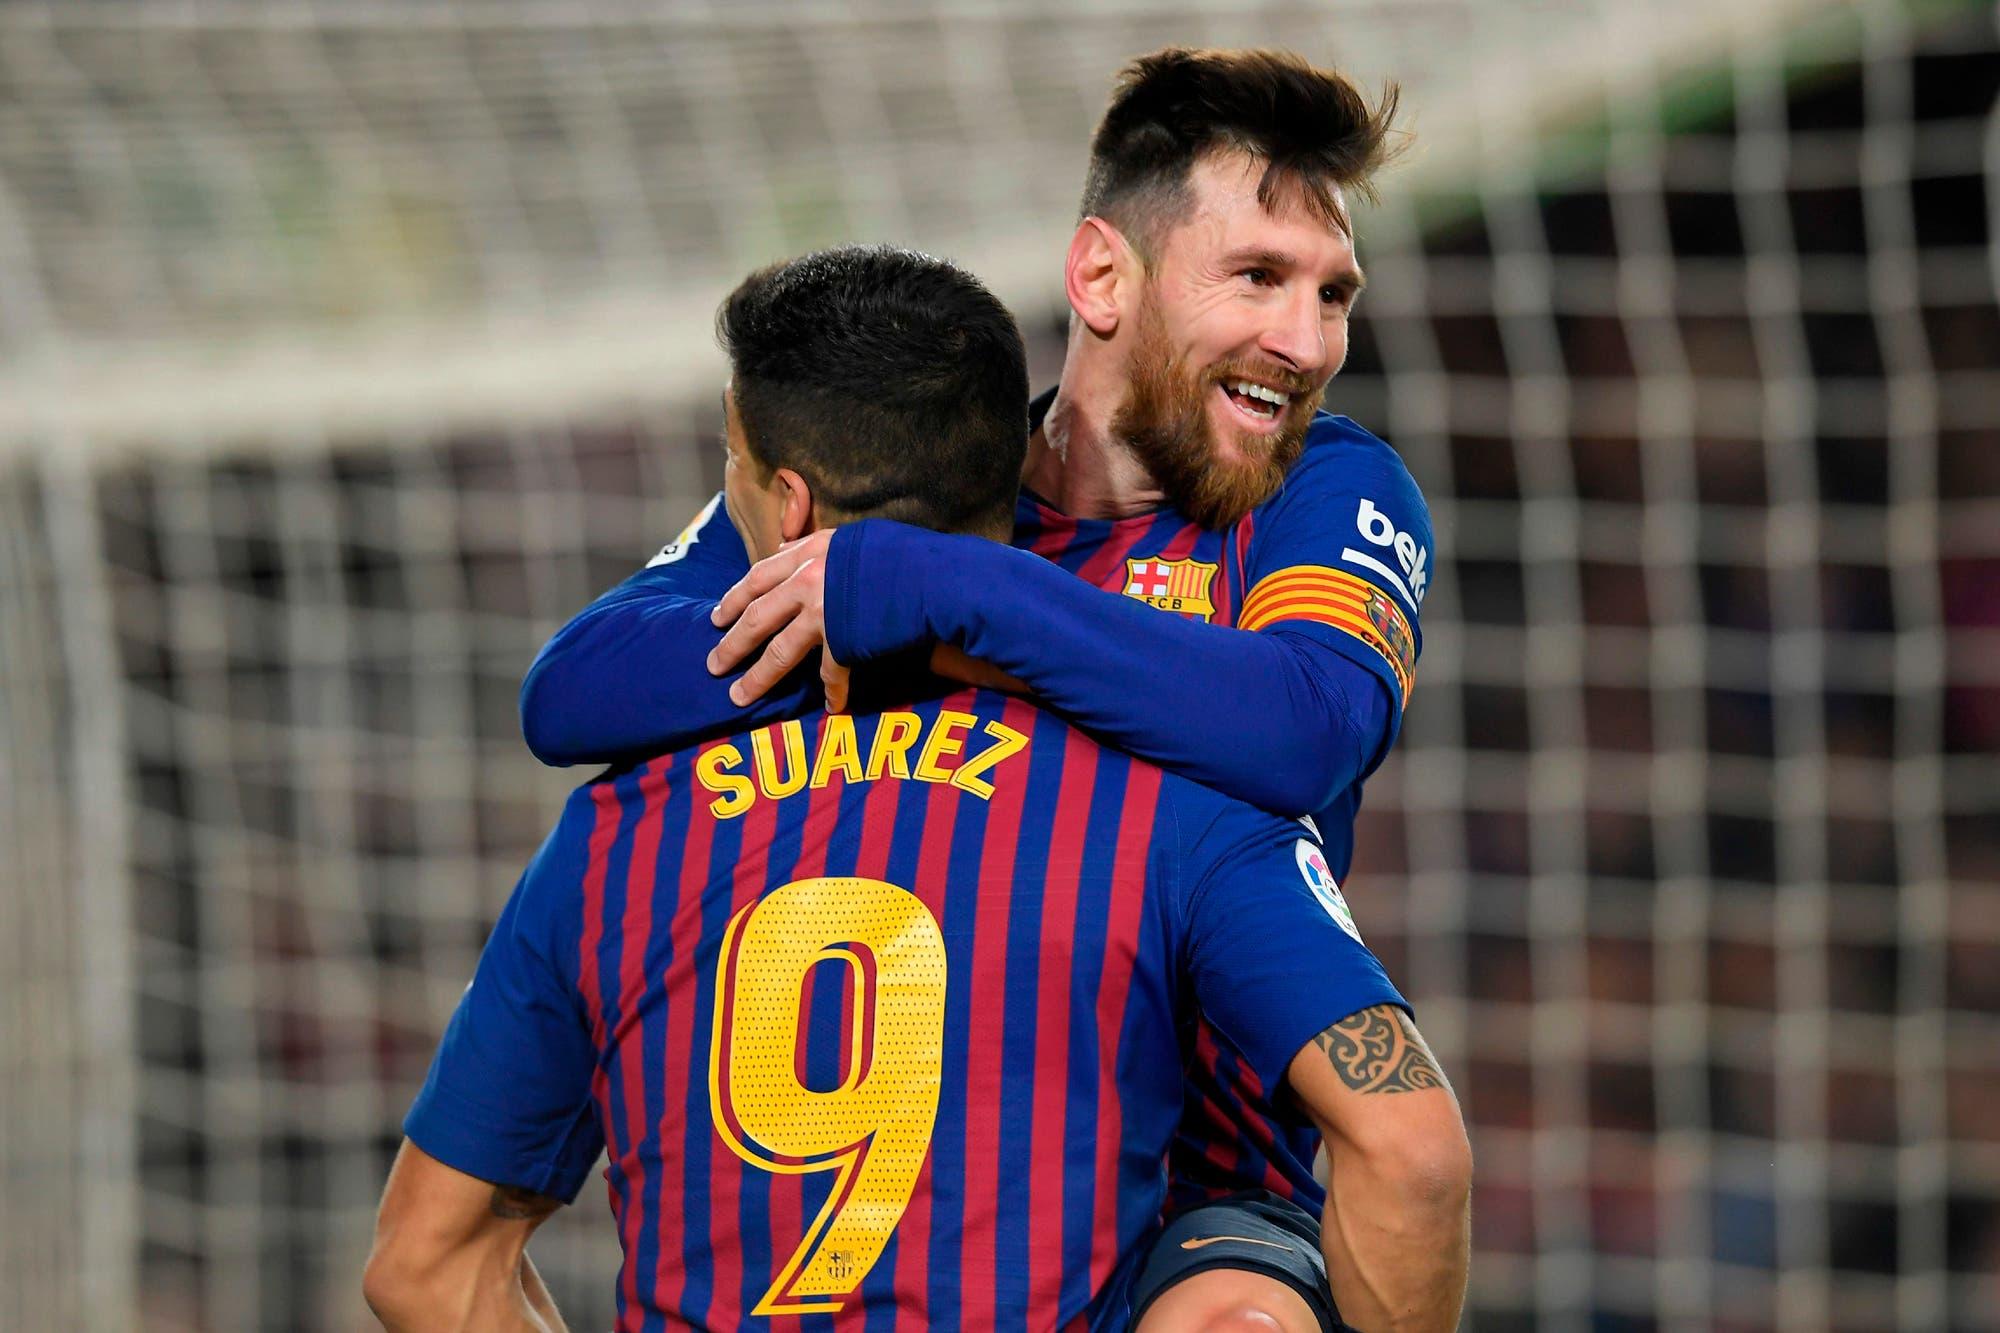 Tras fallar una oportunidad increíble, Lionel Messi marcó un golazo en la clasificación de Barcelona